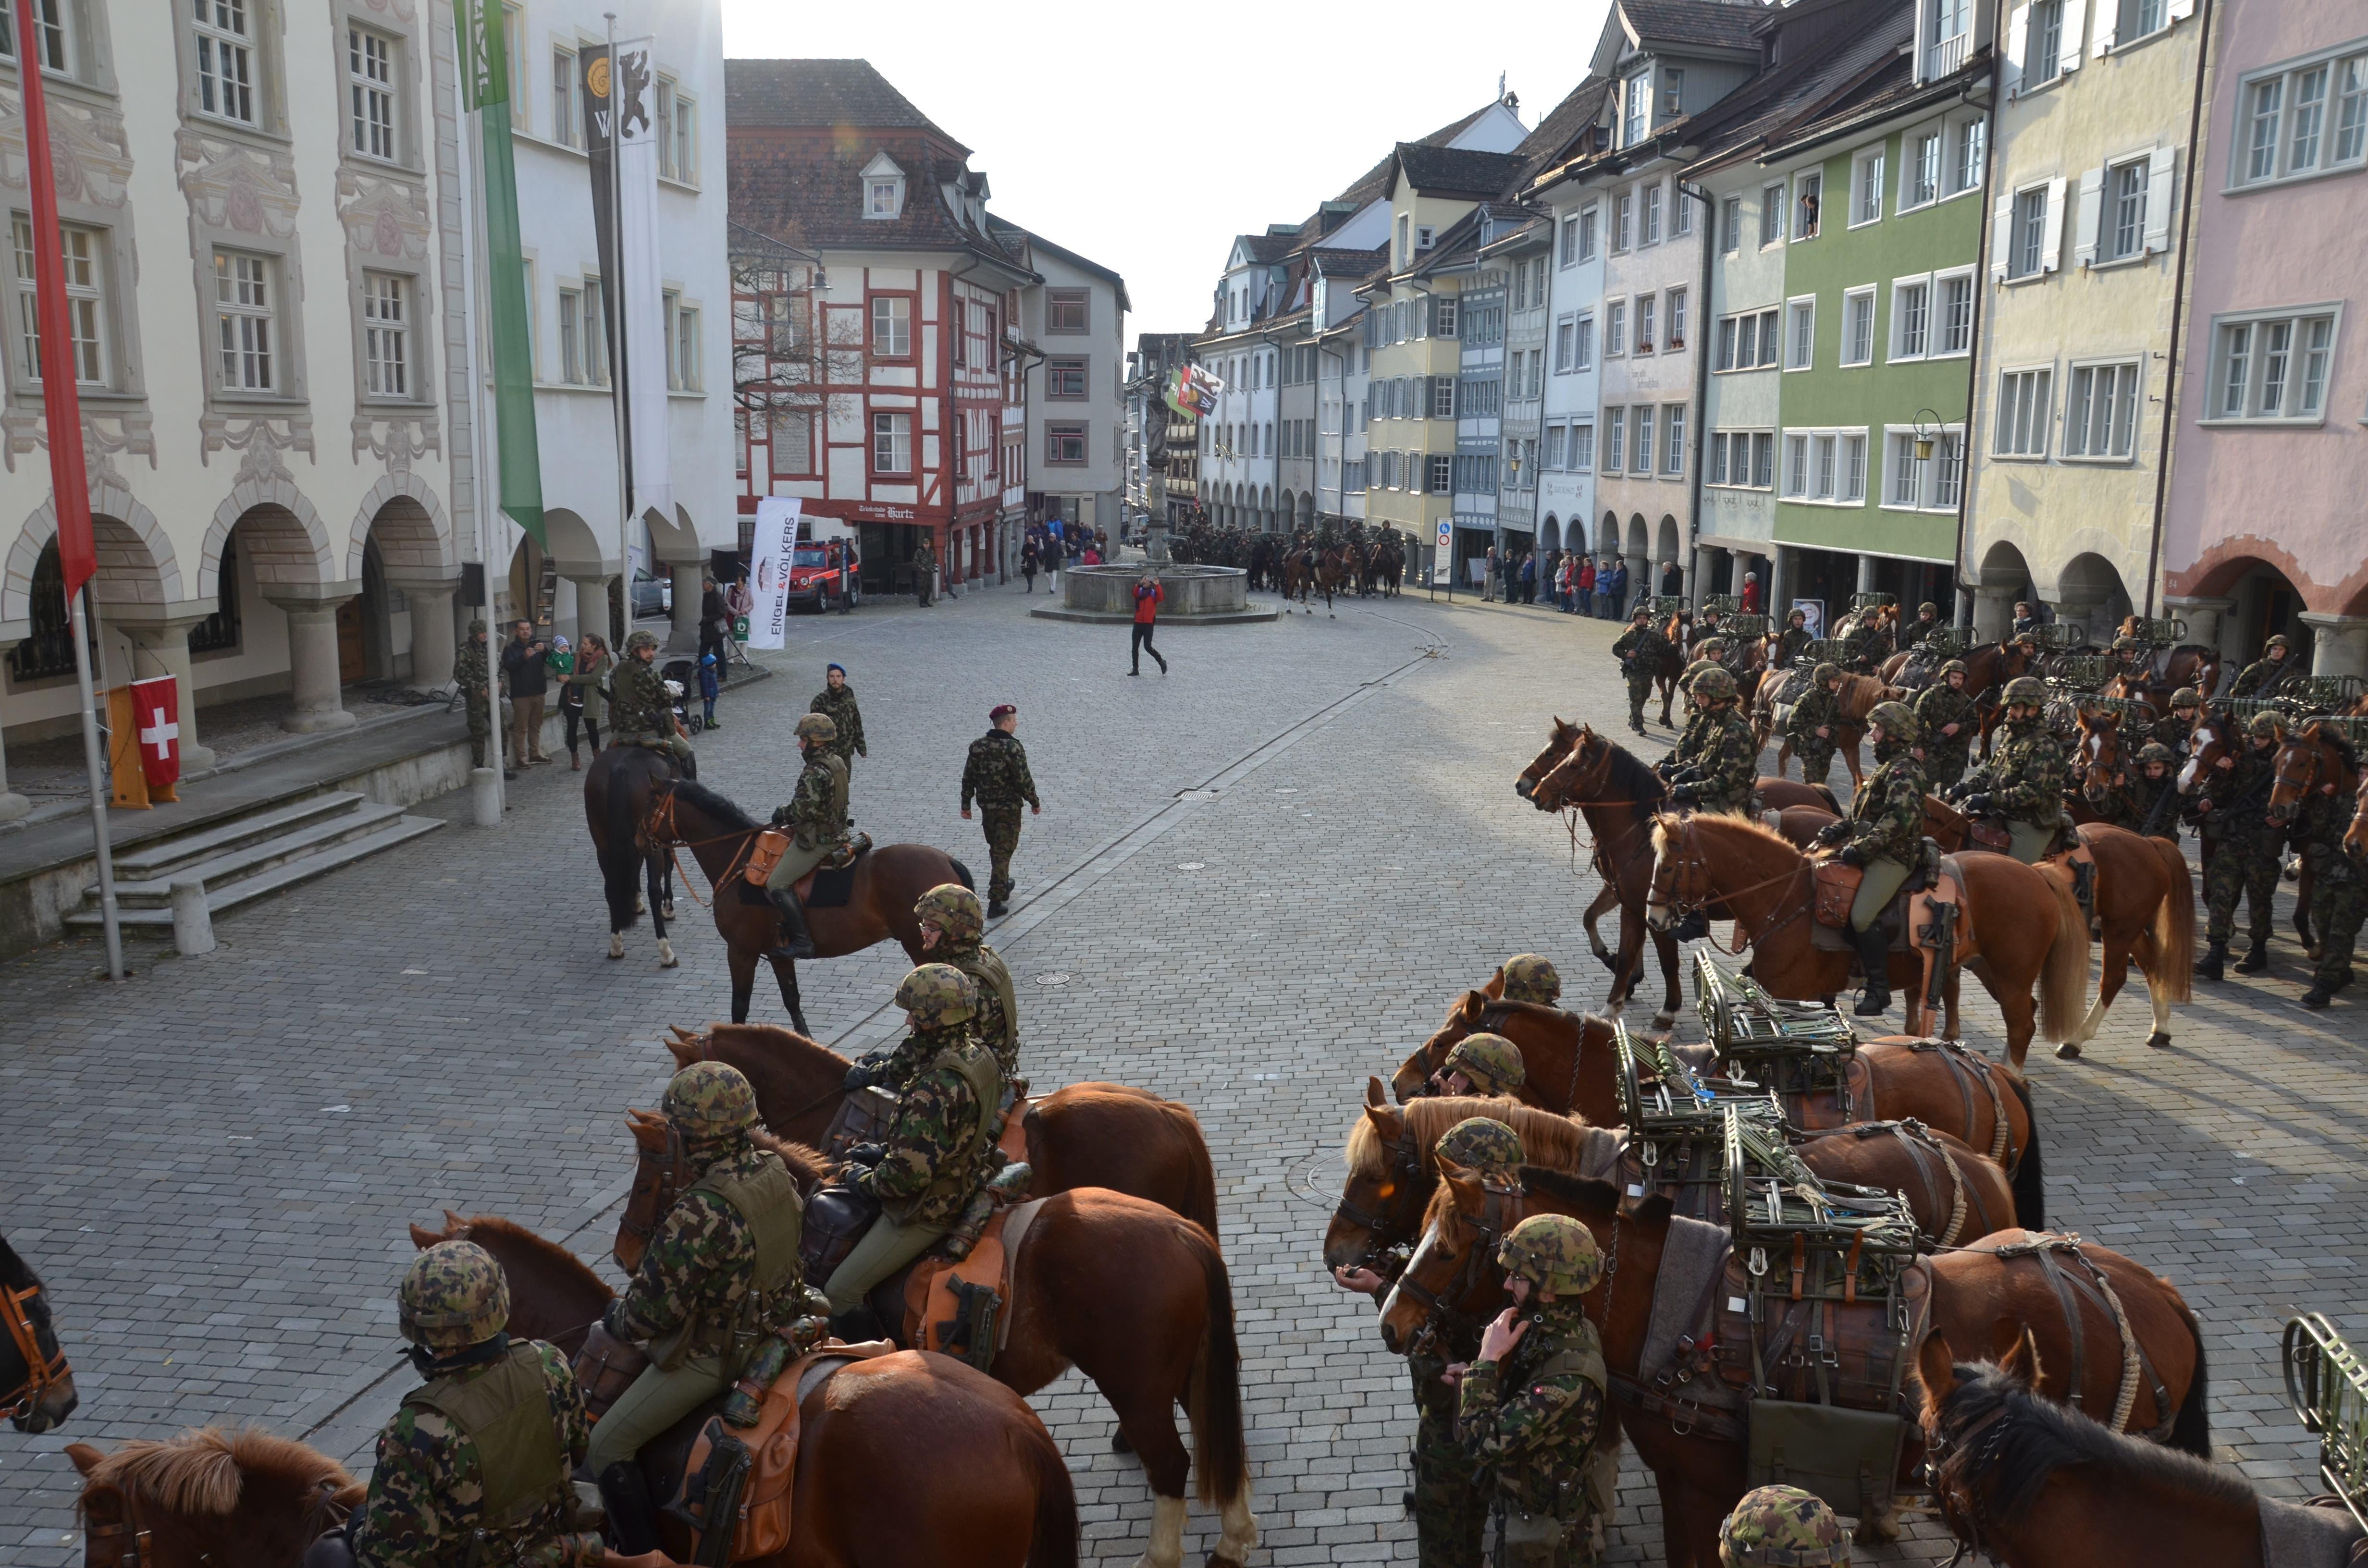 Mehr und mehr füllt sich der Hofplatz mit Pferden und Soldaten. (Bild: Rosa Schmitz)